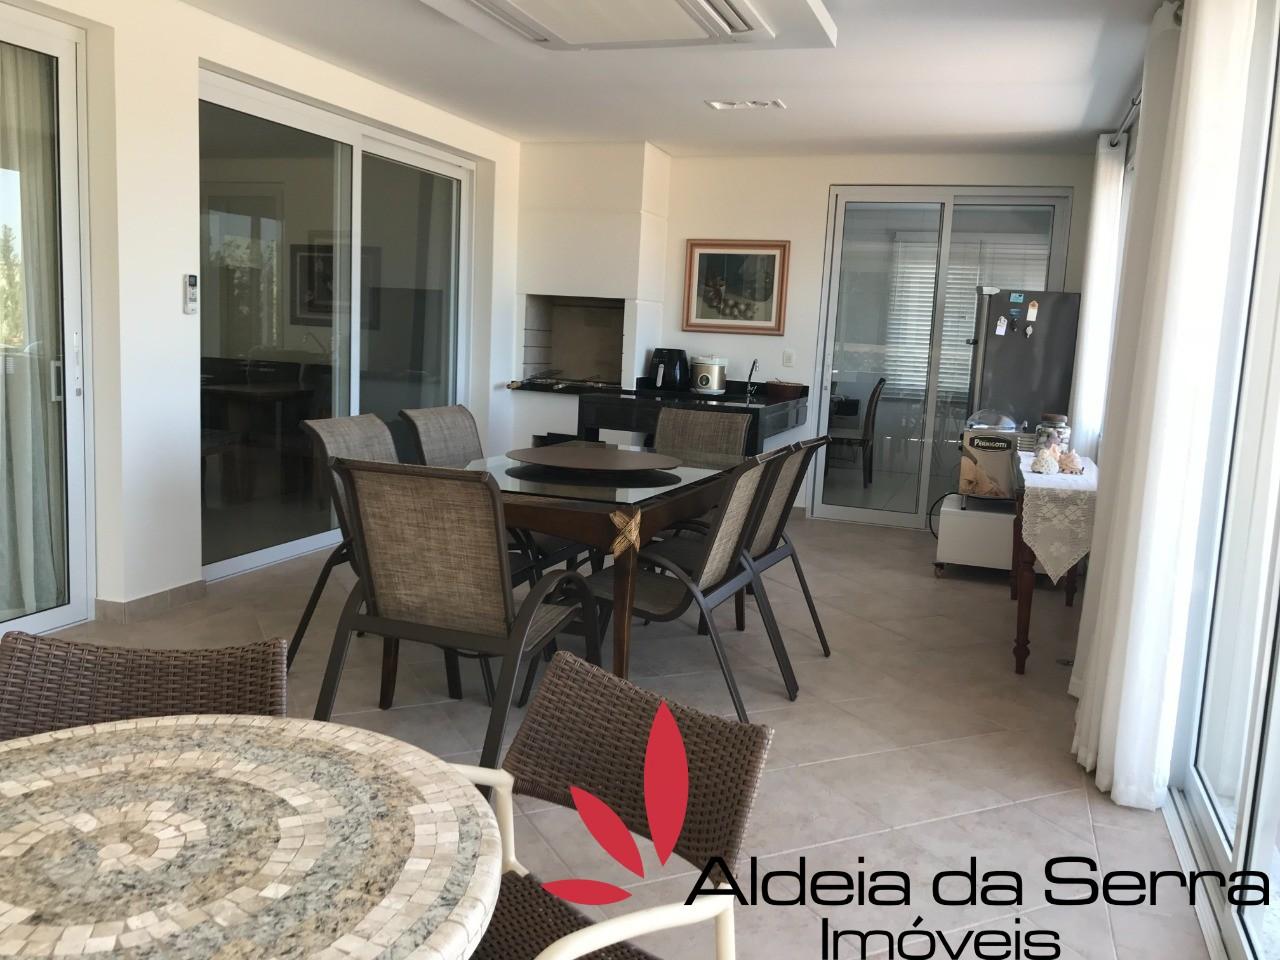 /admin/imoveis/fotos/IMG-20210728-WA0005.jpg Aldeia da Serra Imoveis